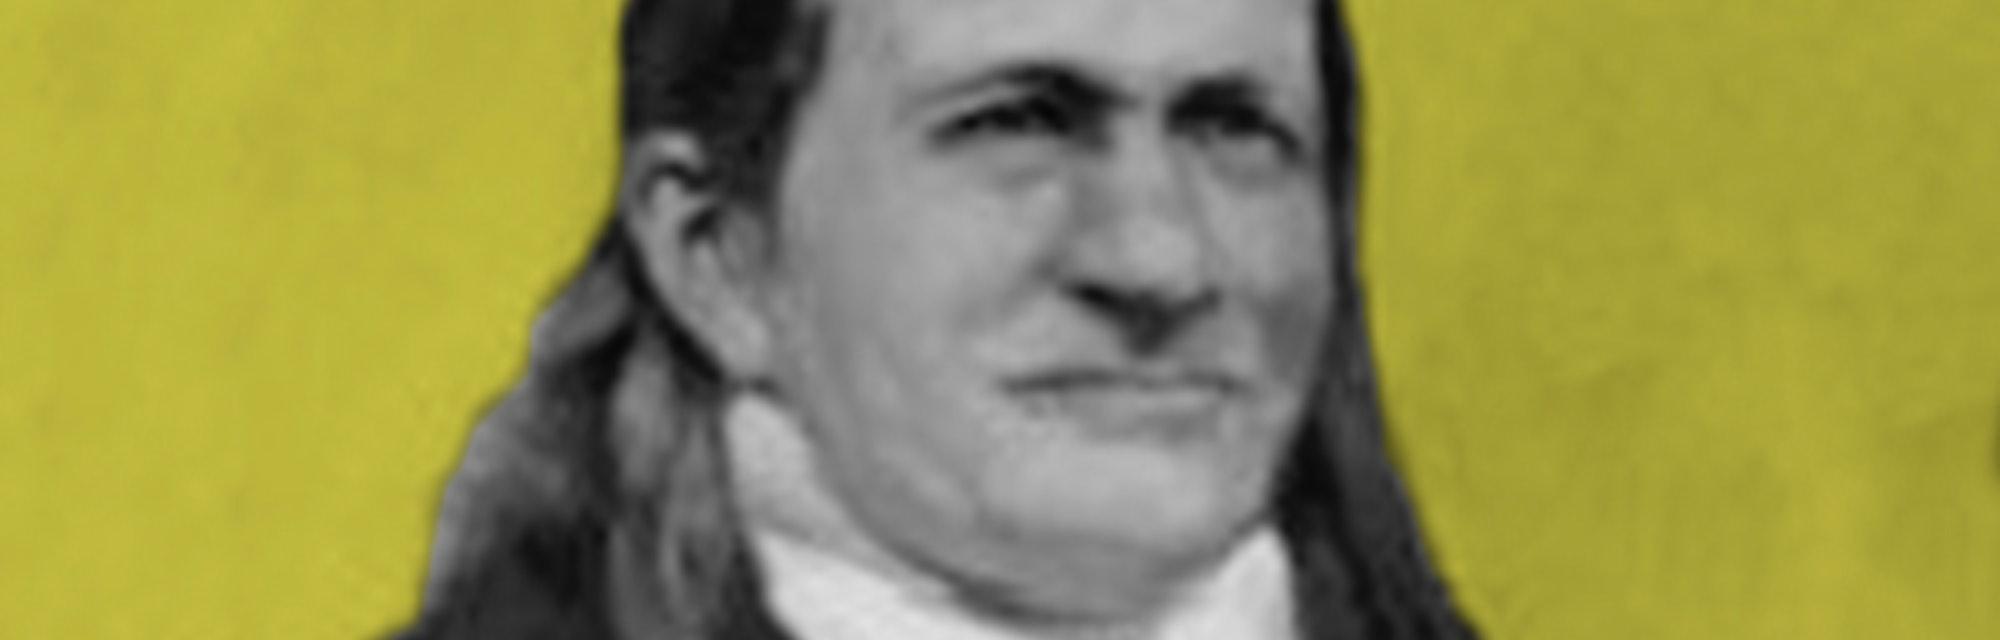 Friedlieb Ferdinand Runge Dripped Chemicals in Cat Eyeballs for ...